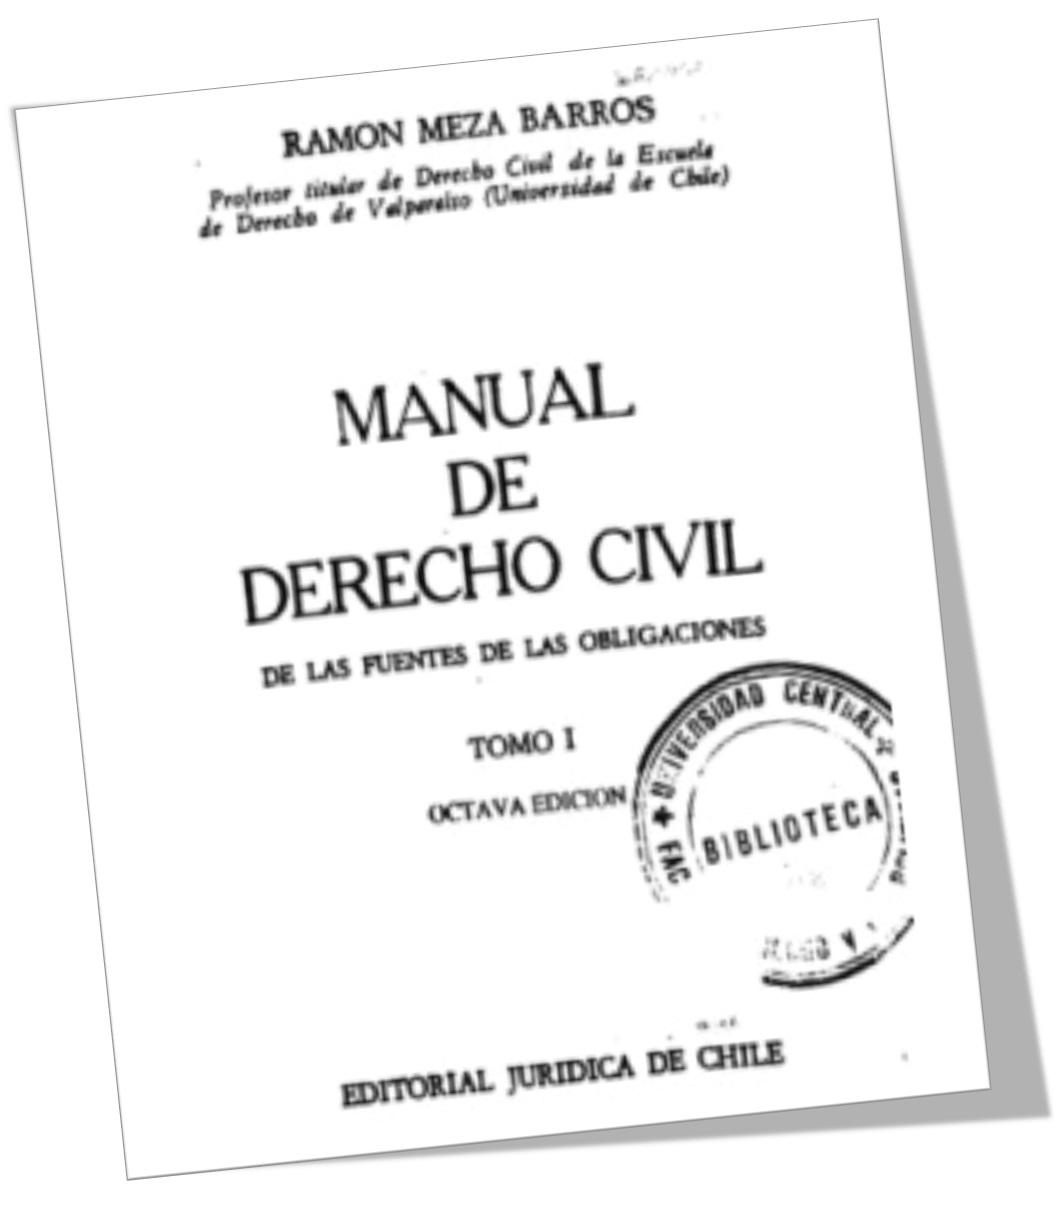 TÍTULO : MANUAL DE DERECHO CIVIL – DE LAS FUENTES DE LAS